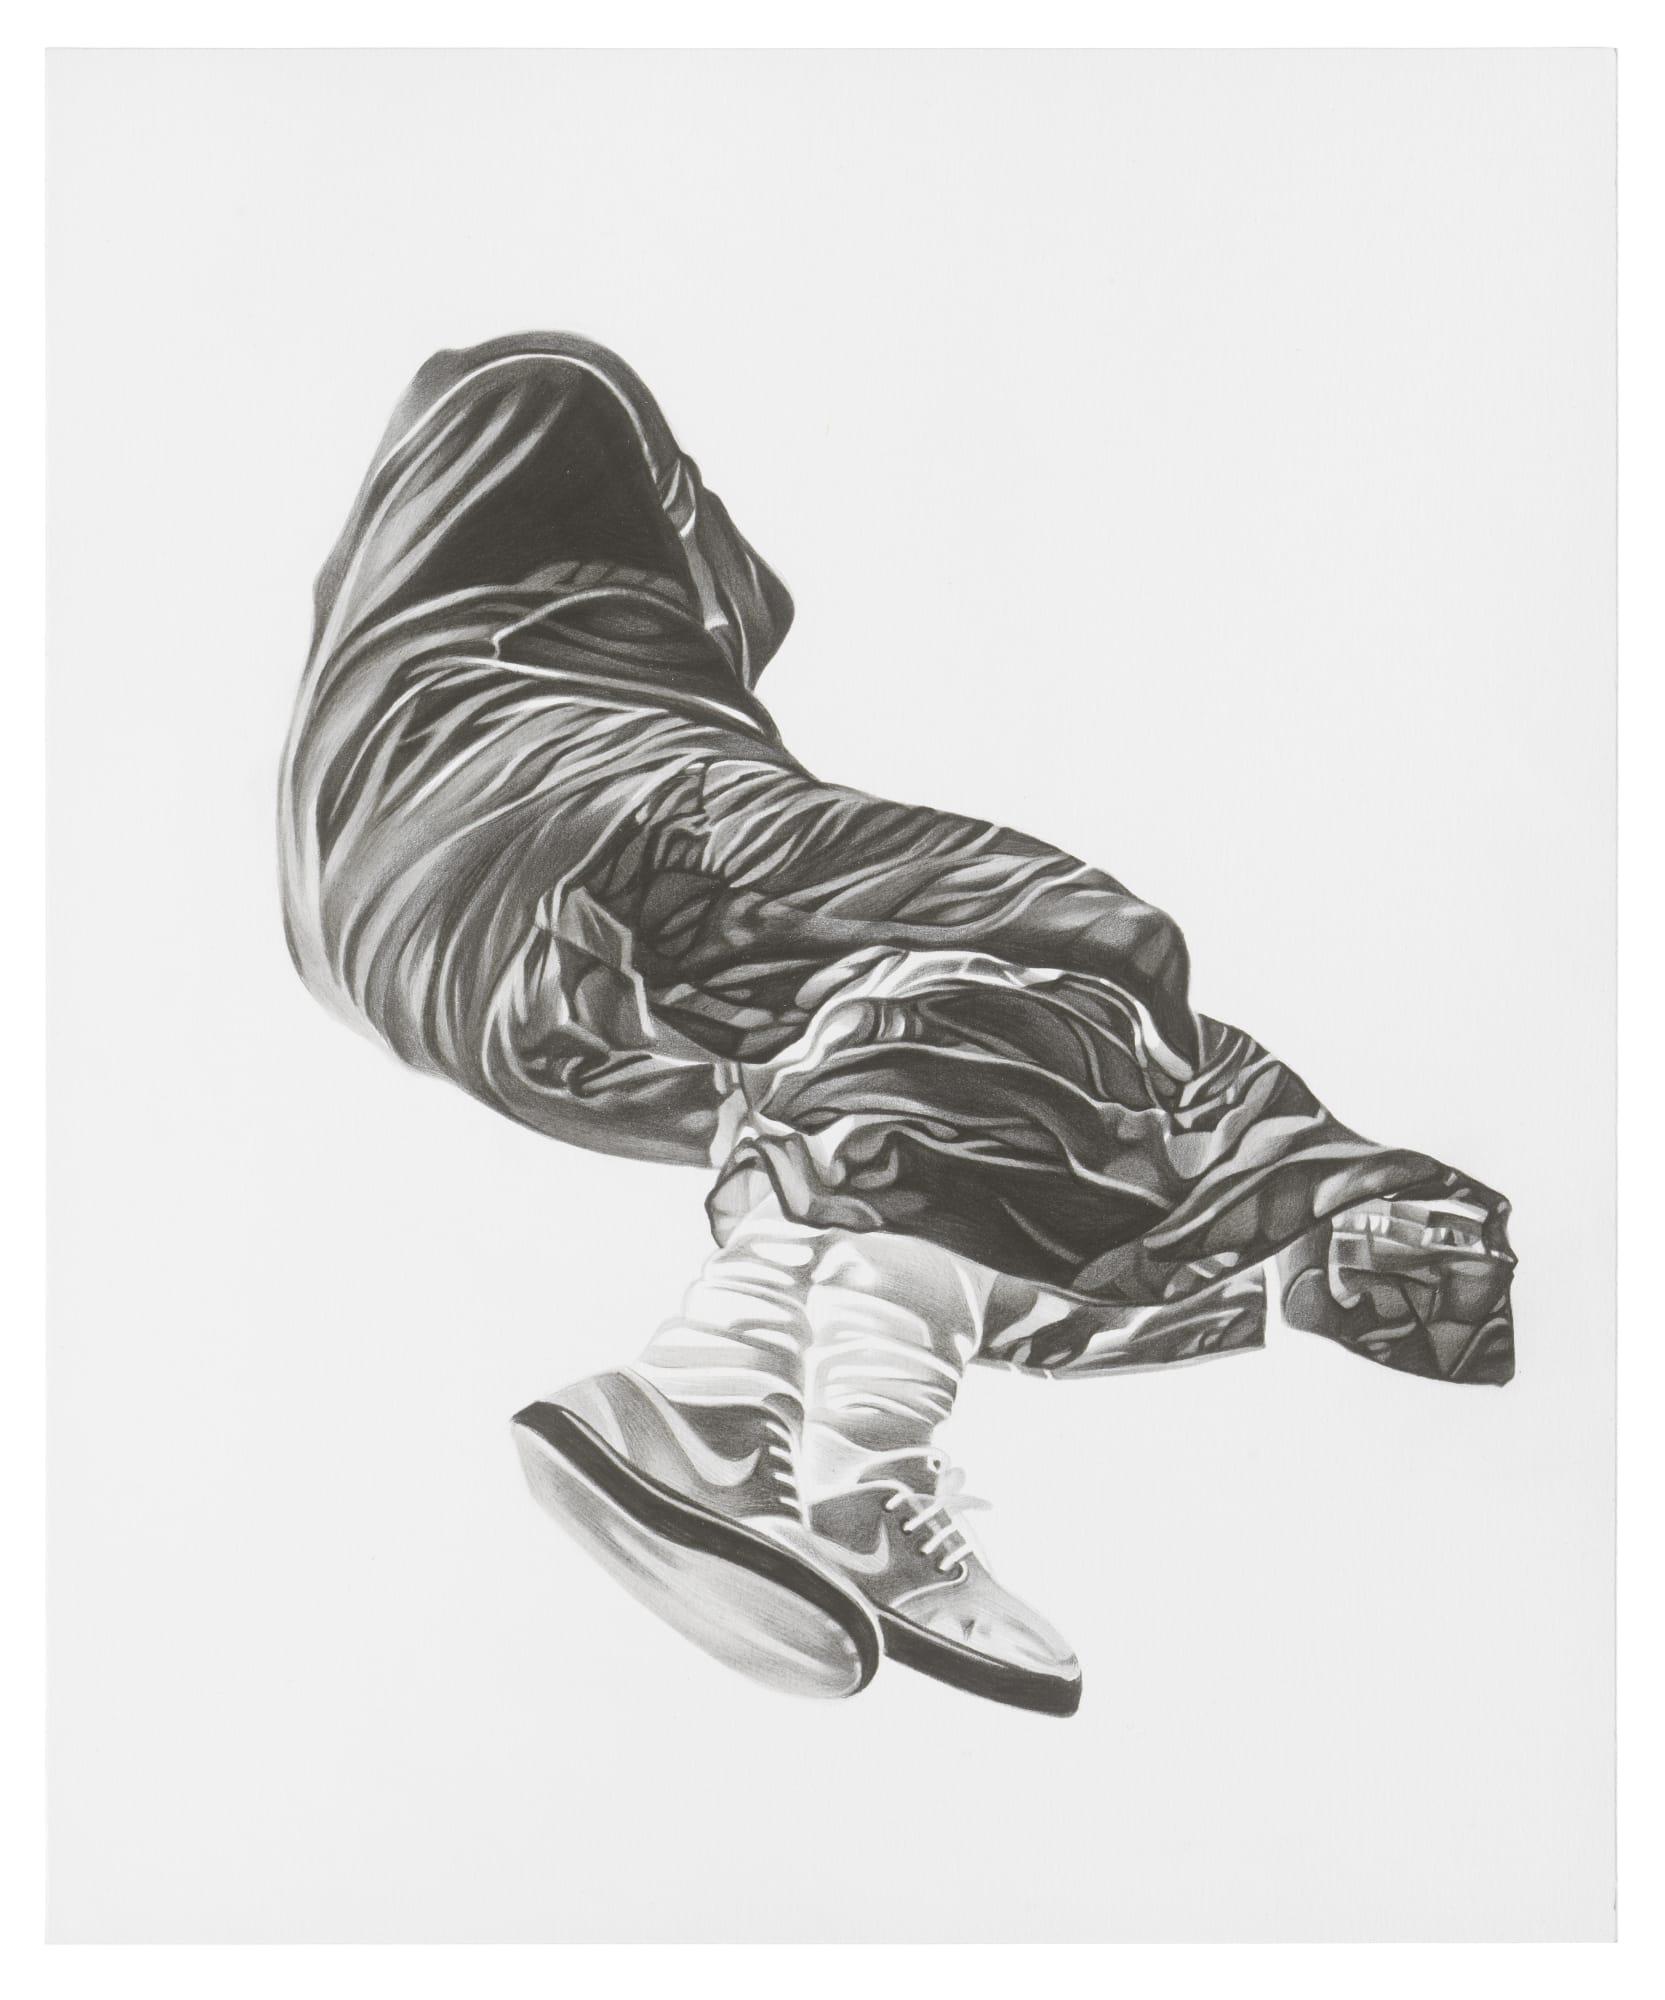 Marc Brandenburg, Untitled , 2019